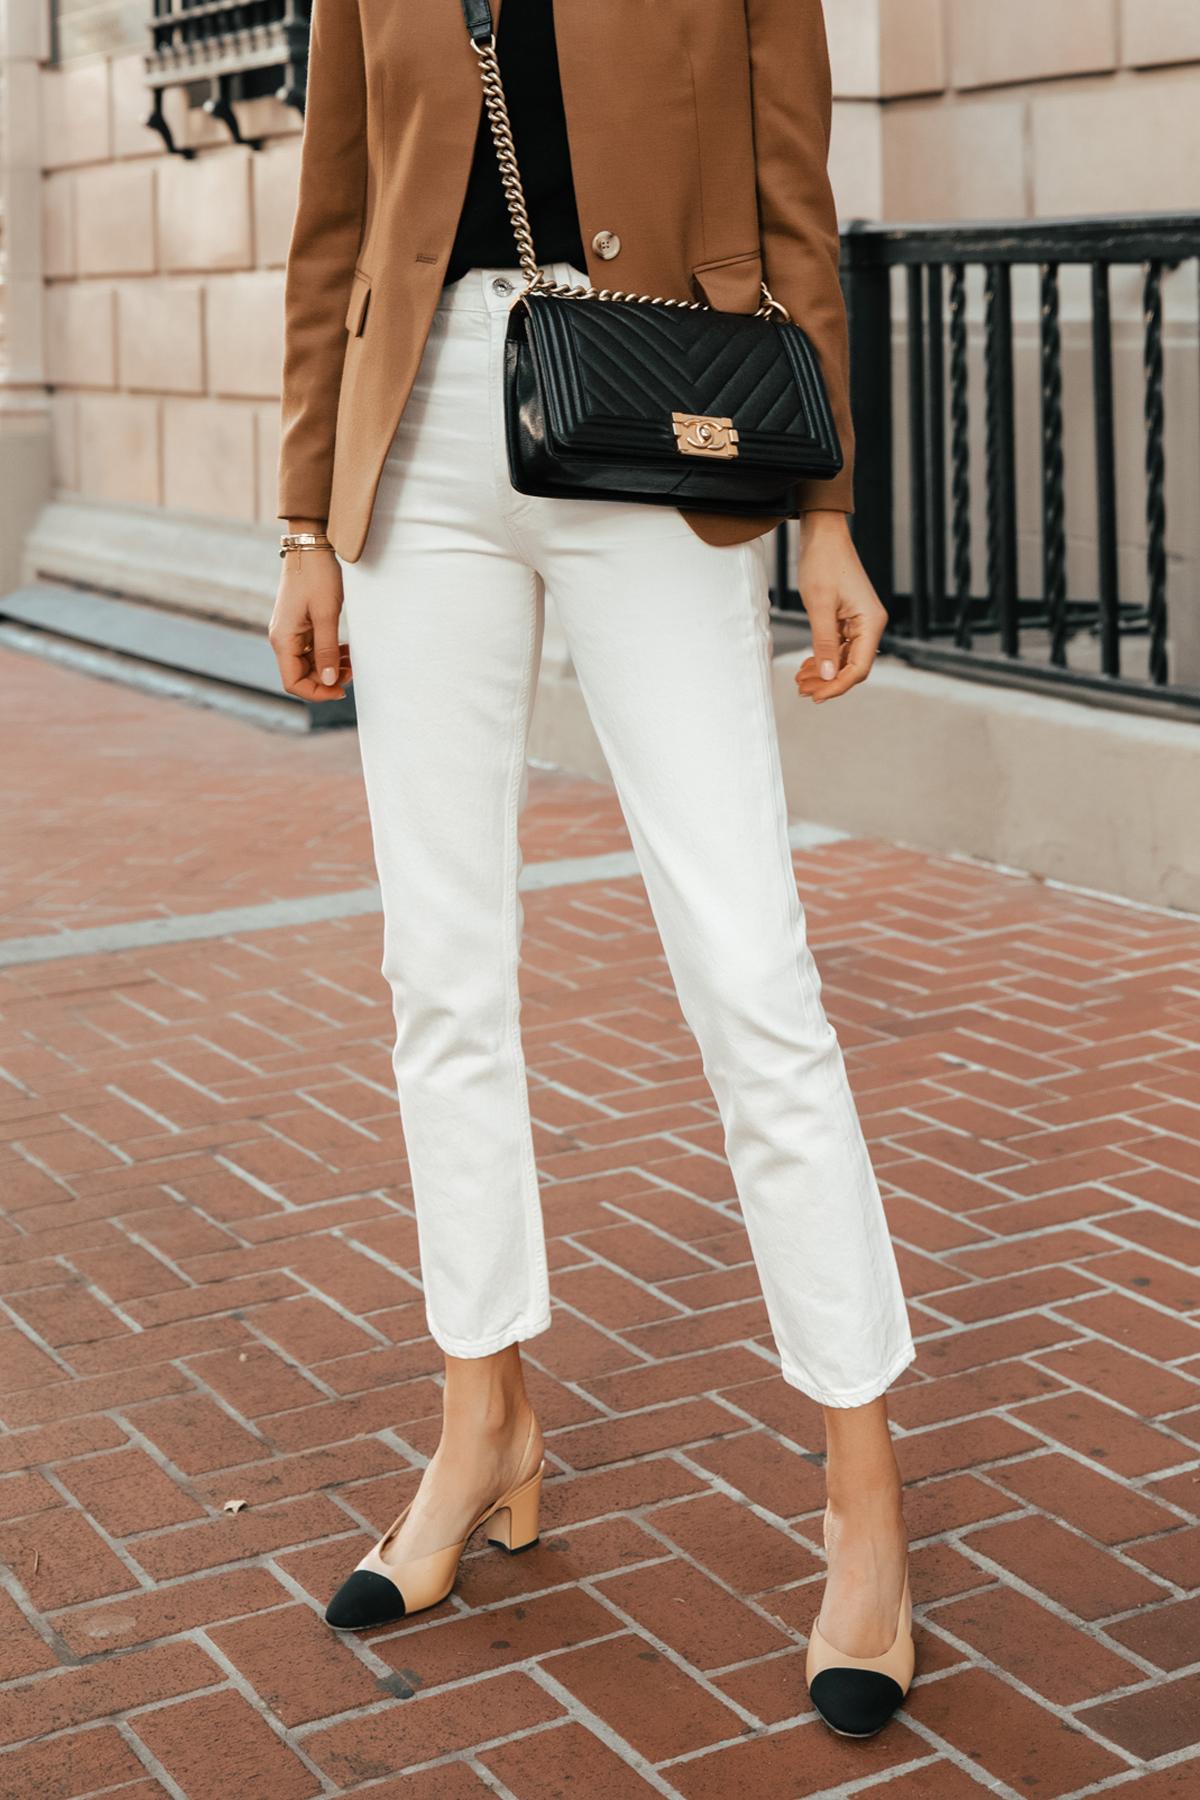 Fashion Jackson Wearing Jcrew Camel Blazer White Jeans Chanel Slingbacks Chanel Black Boy Bag